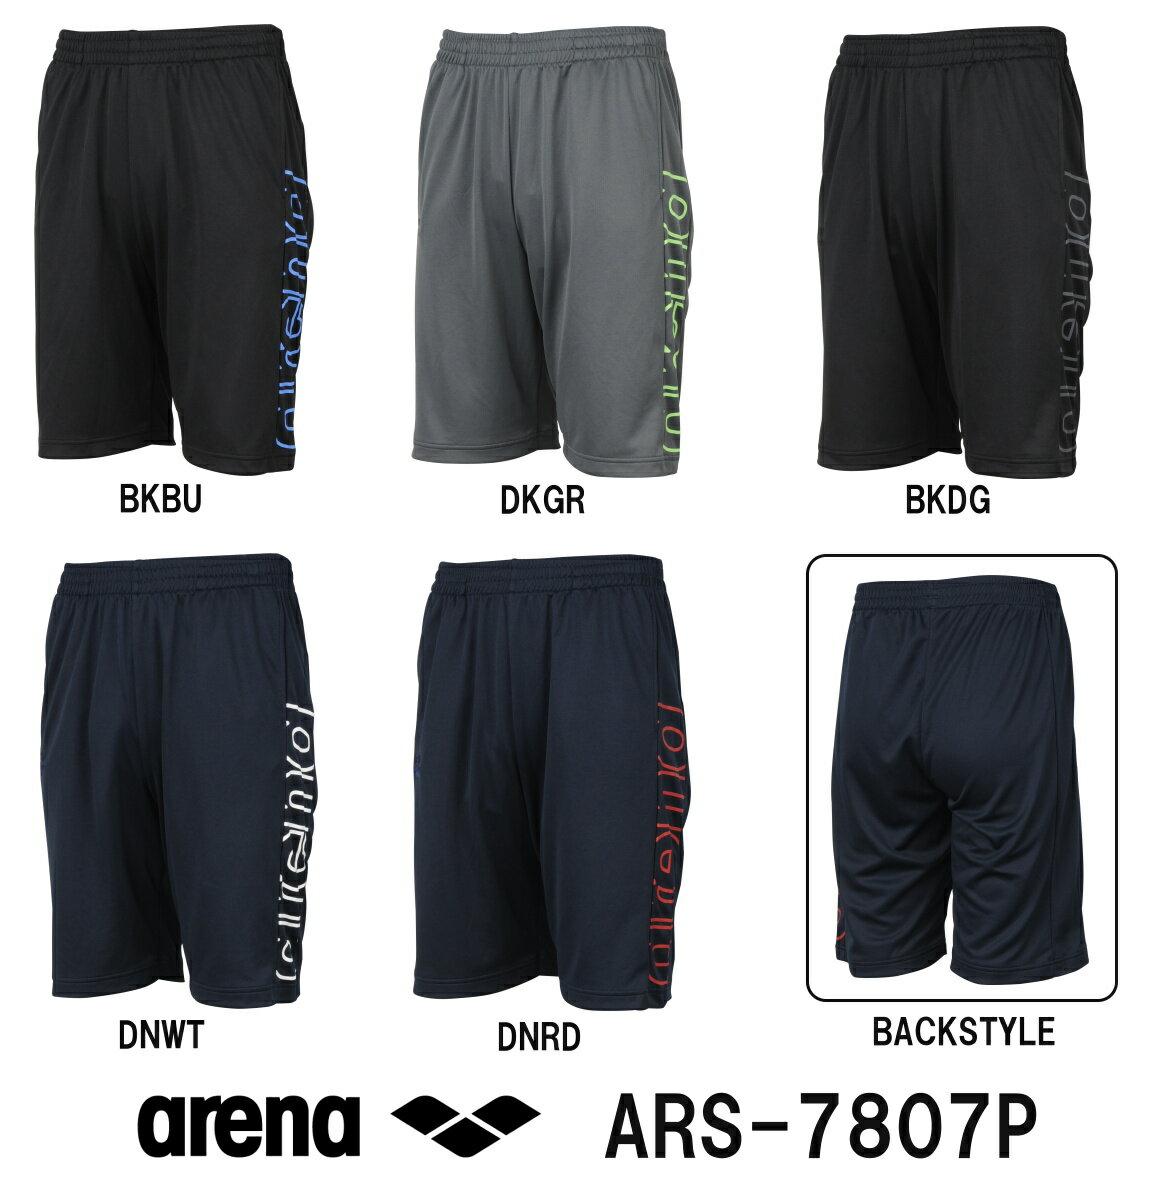 ●●【ARS-7807P】ARENA(アリーナ) バックメッシュ ハーフパンツ[スイミング/水泳/アパレル/トレーニングウェア]